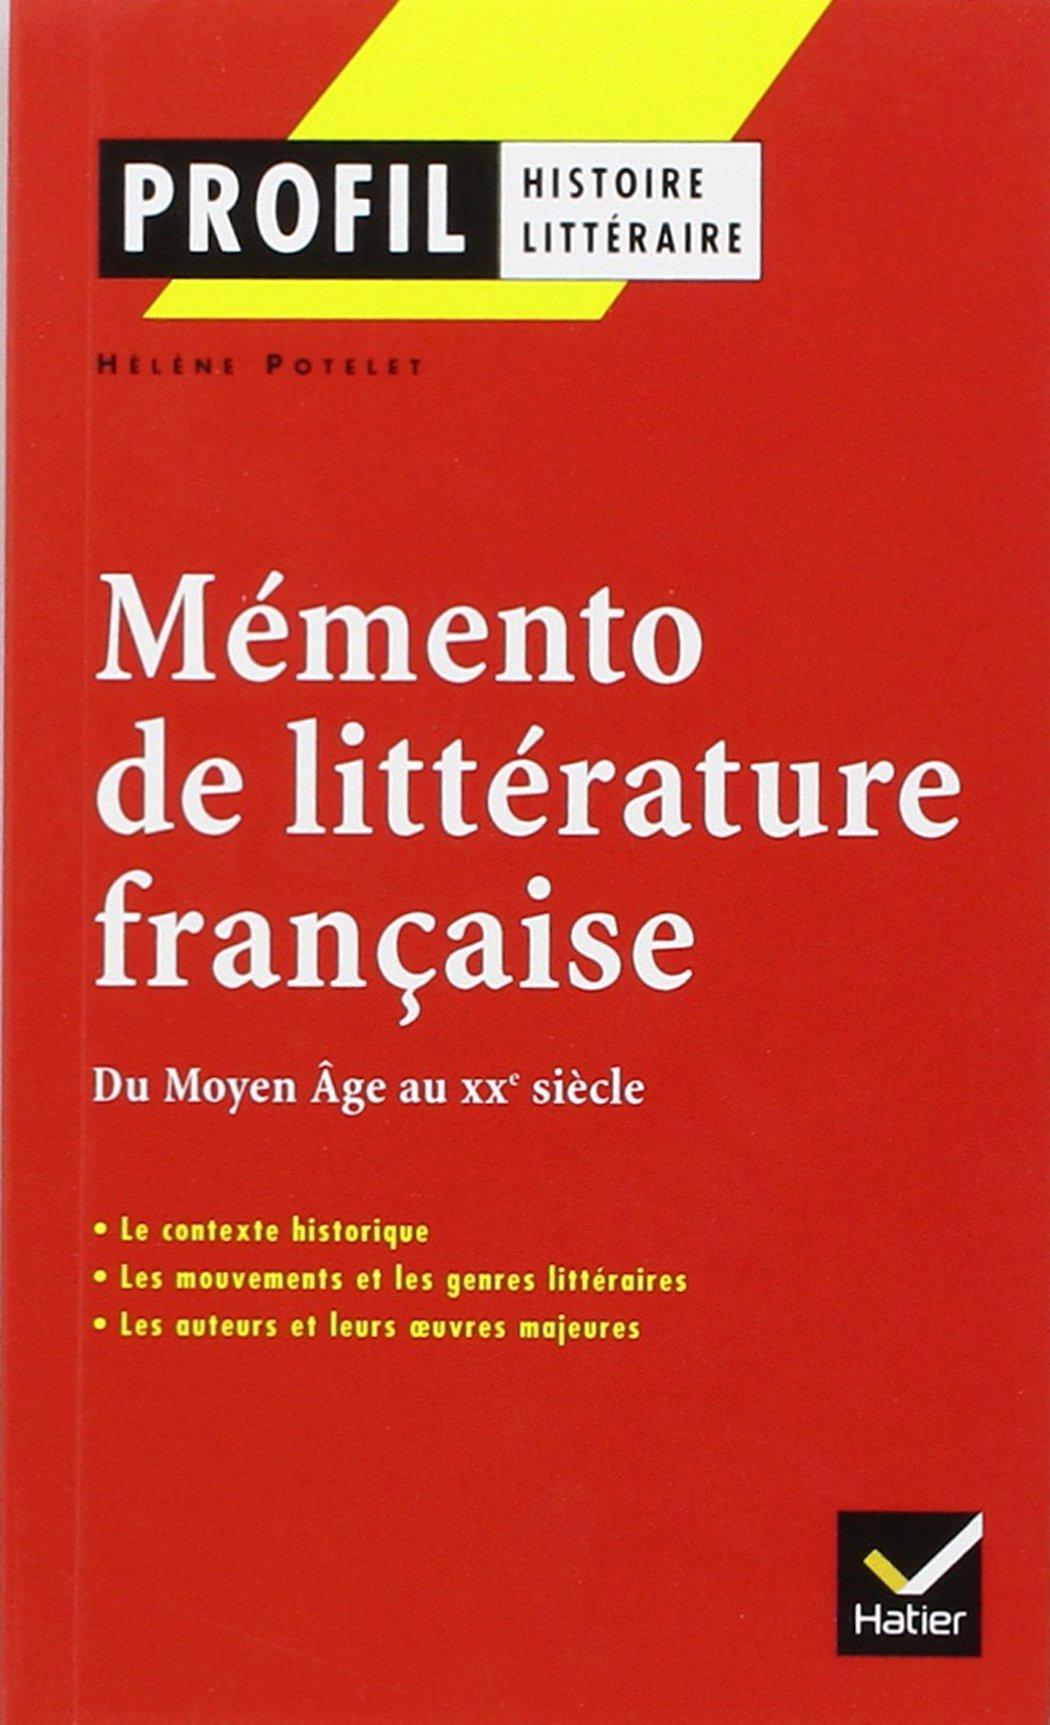 Amazon.fr - Mémento de littérature française : Du Moyen Age au XXe siècle -  Hélène Potelet - Livres